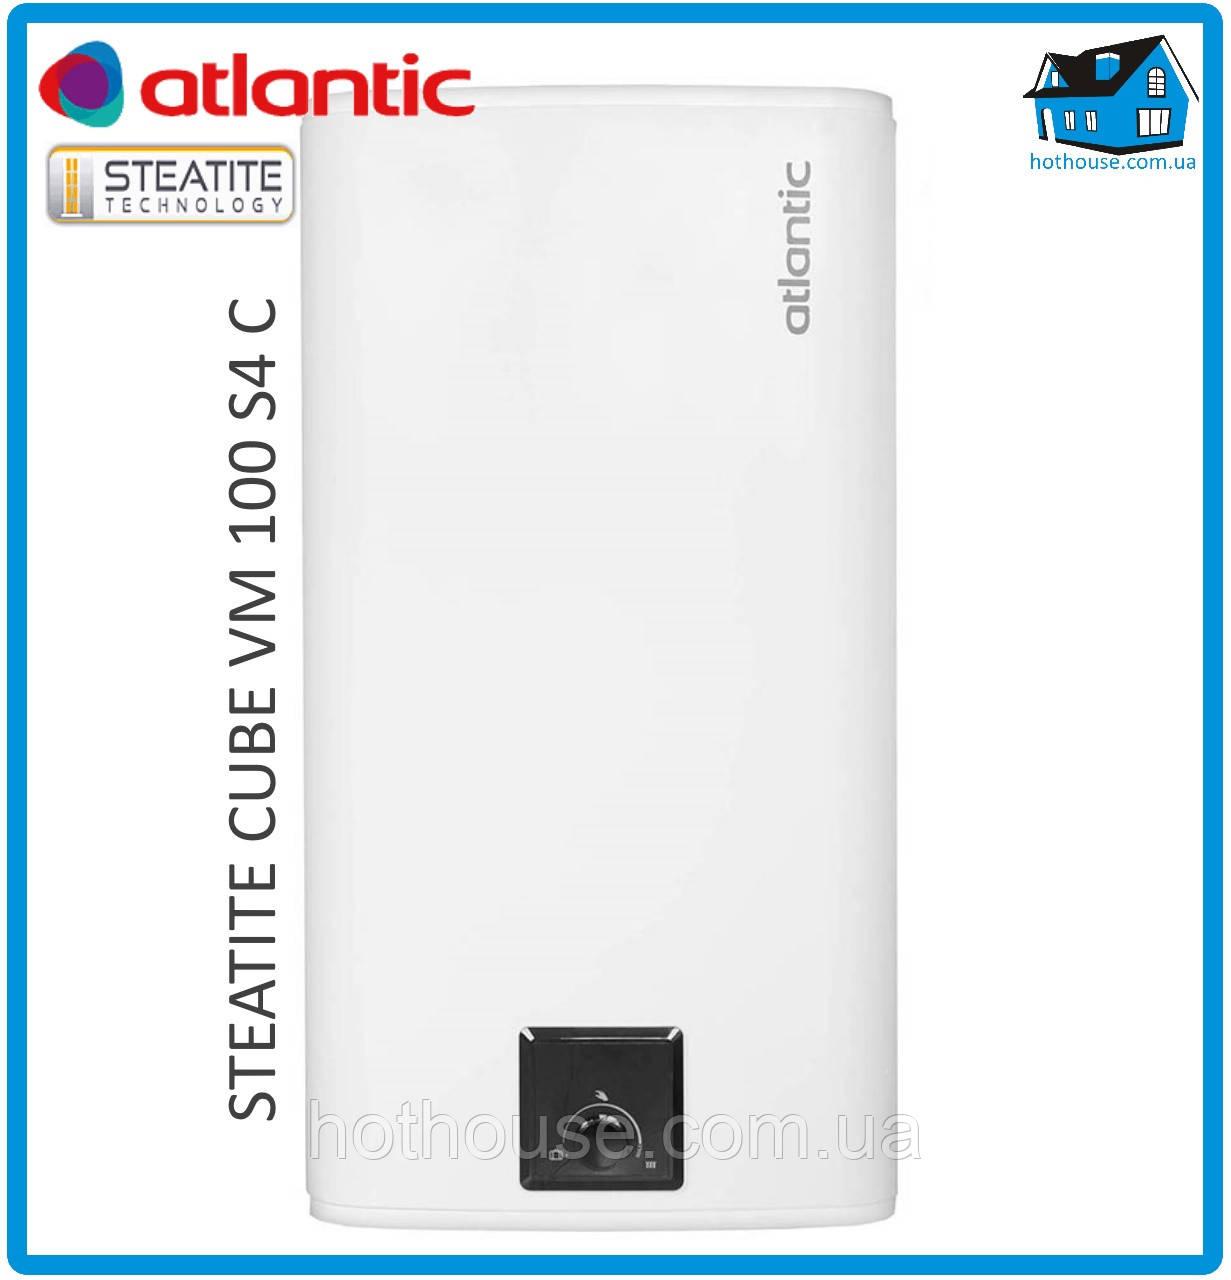 Водонагрівач Atlantic Stetite Cube VM 100 S4 C